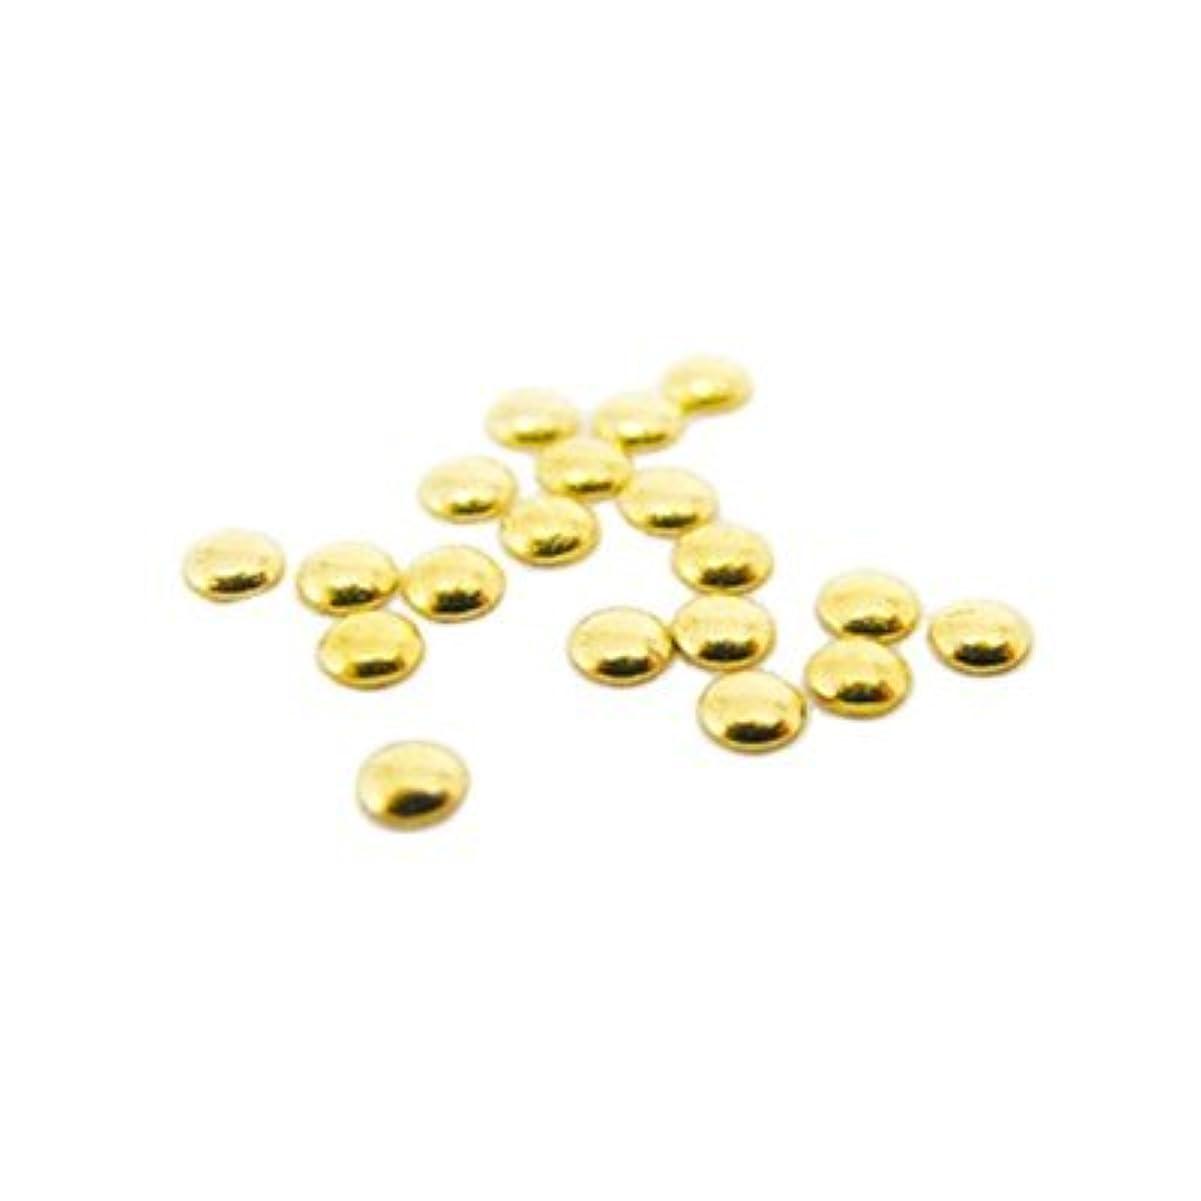 摂動バーストホステスピアドラ スタッズ 1.2mm 500P ゴールド